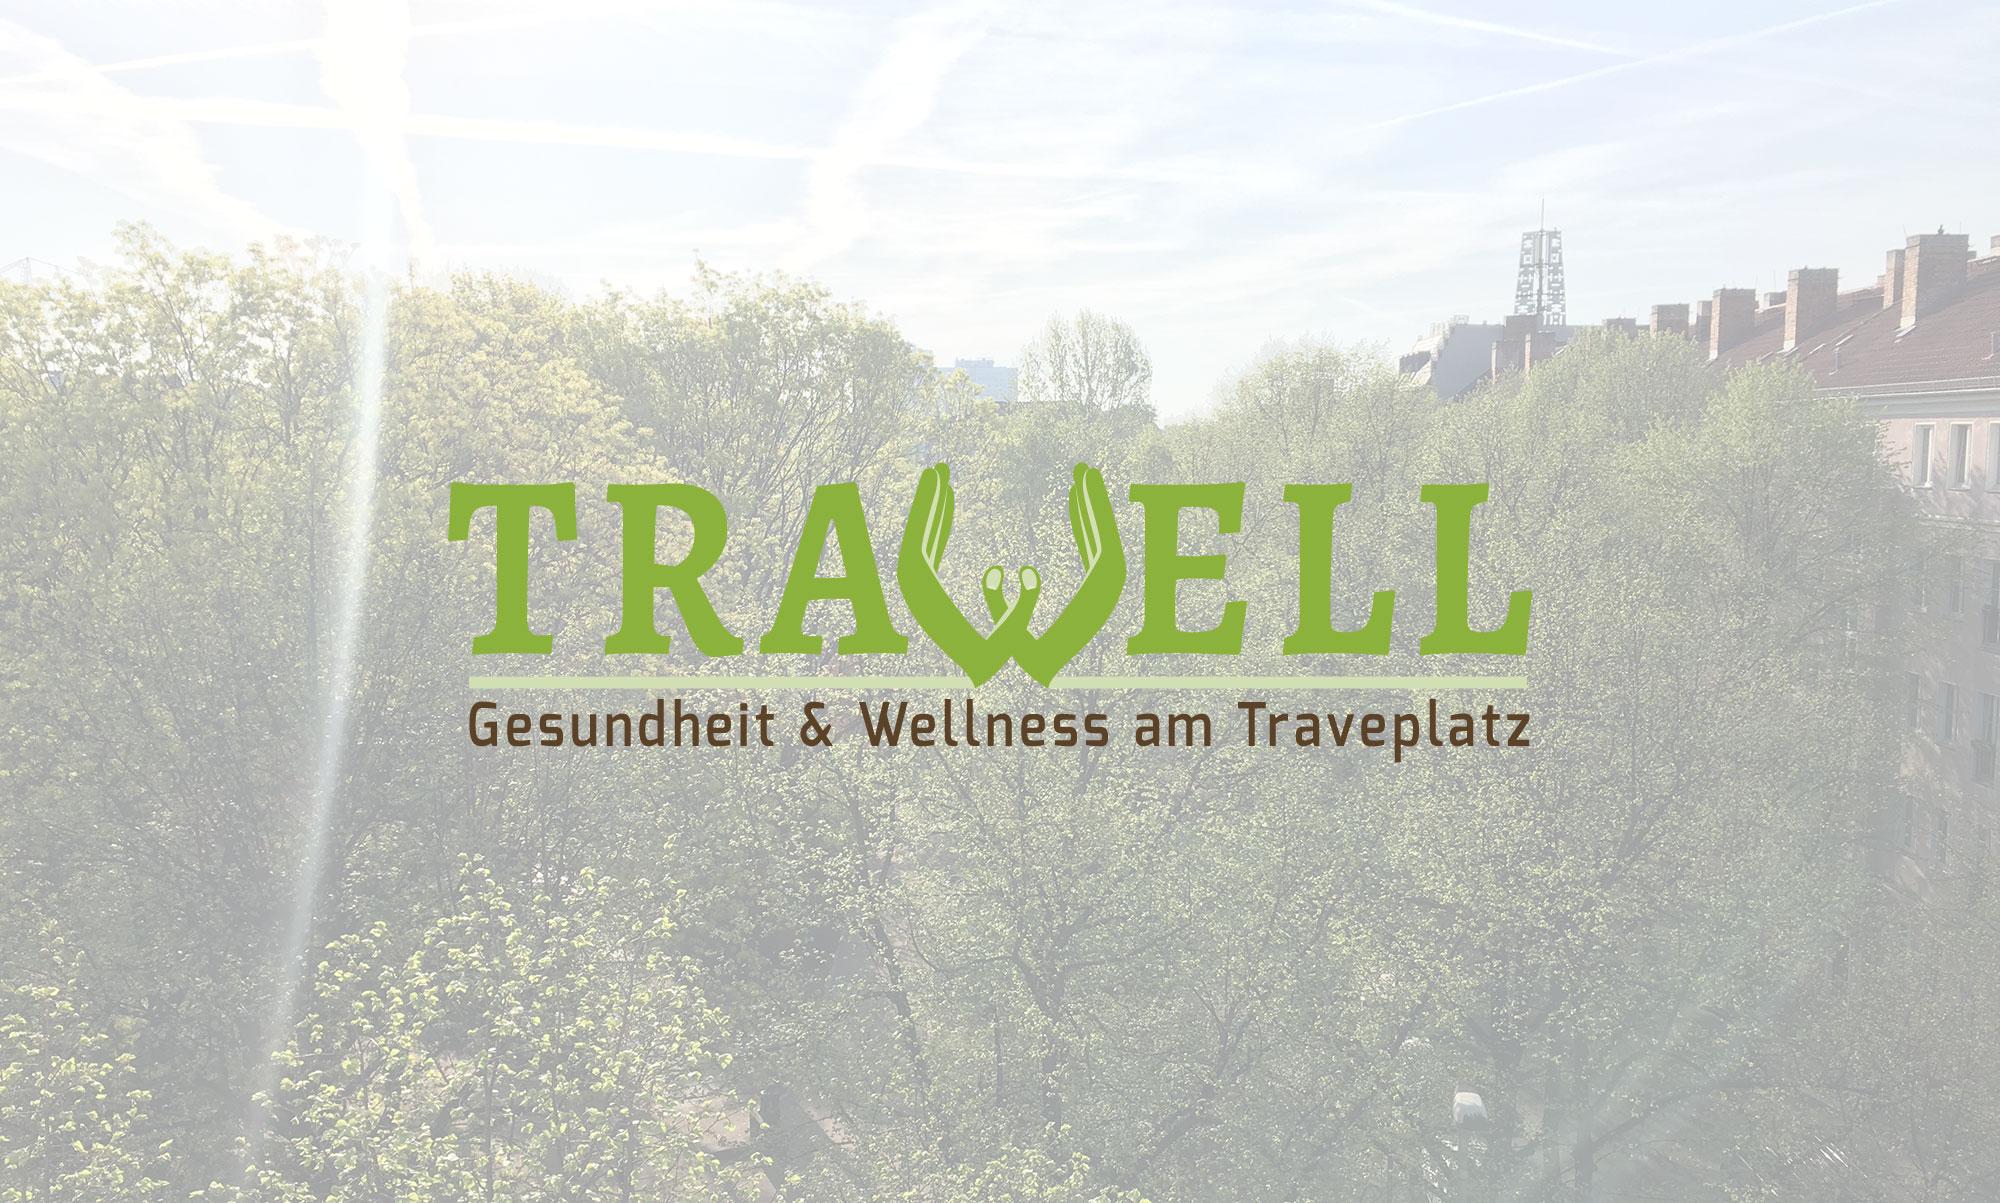 Trawell - Gesundheit und Wellness am Traveplatz Berlin - Massagen und Ästhetische Medizin Friedrichshain